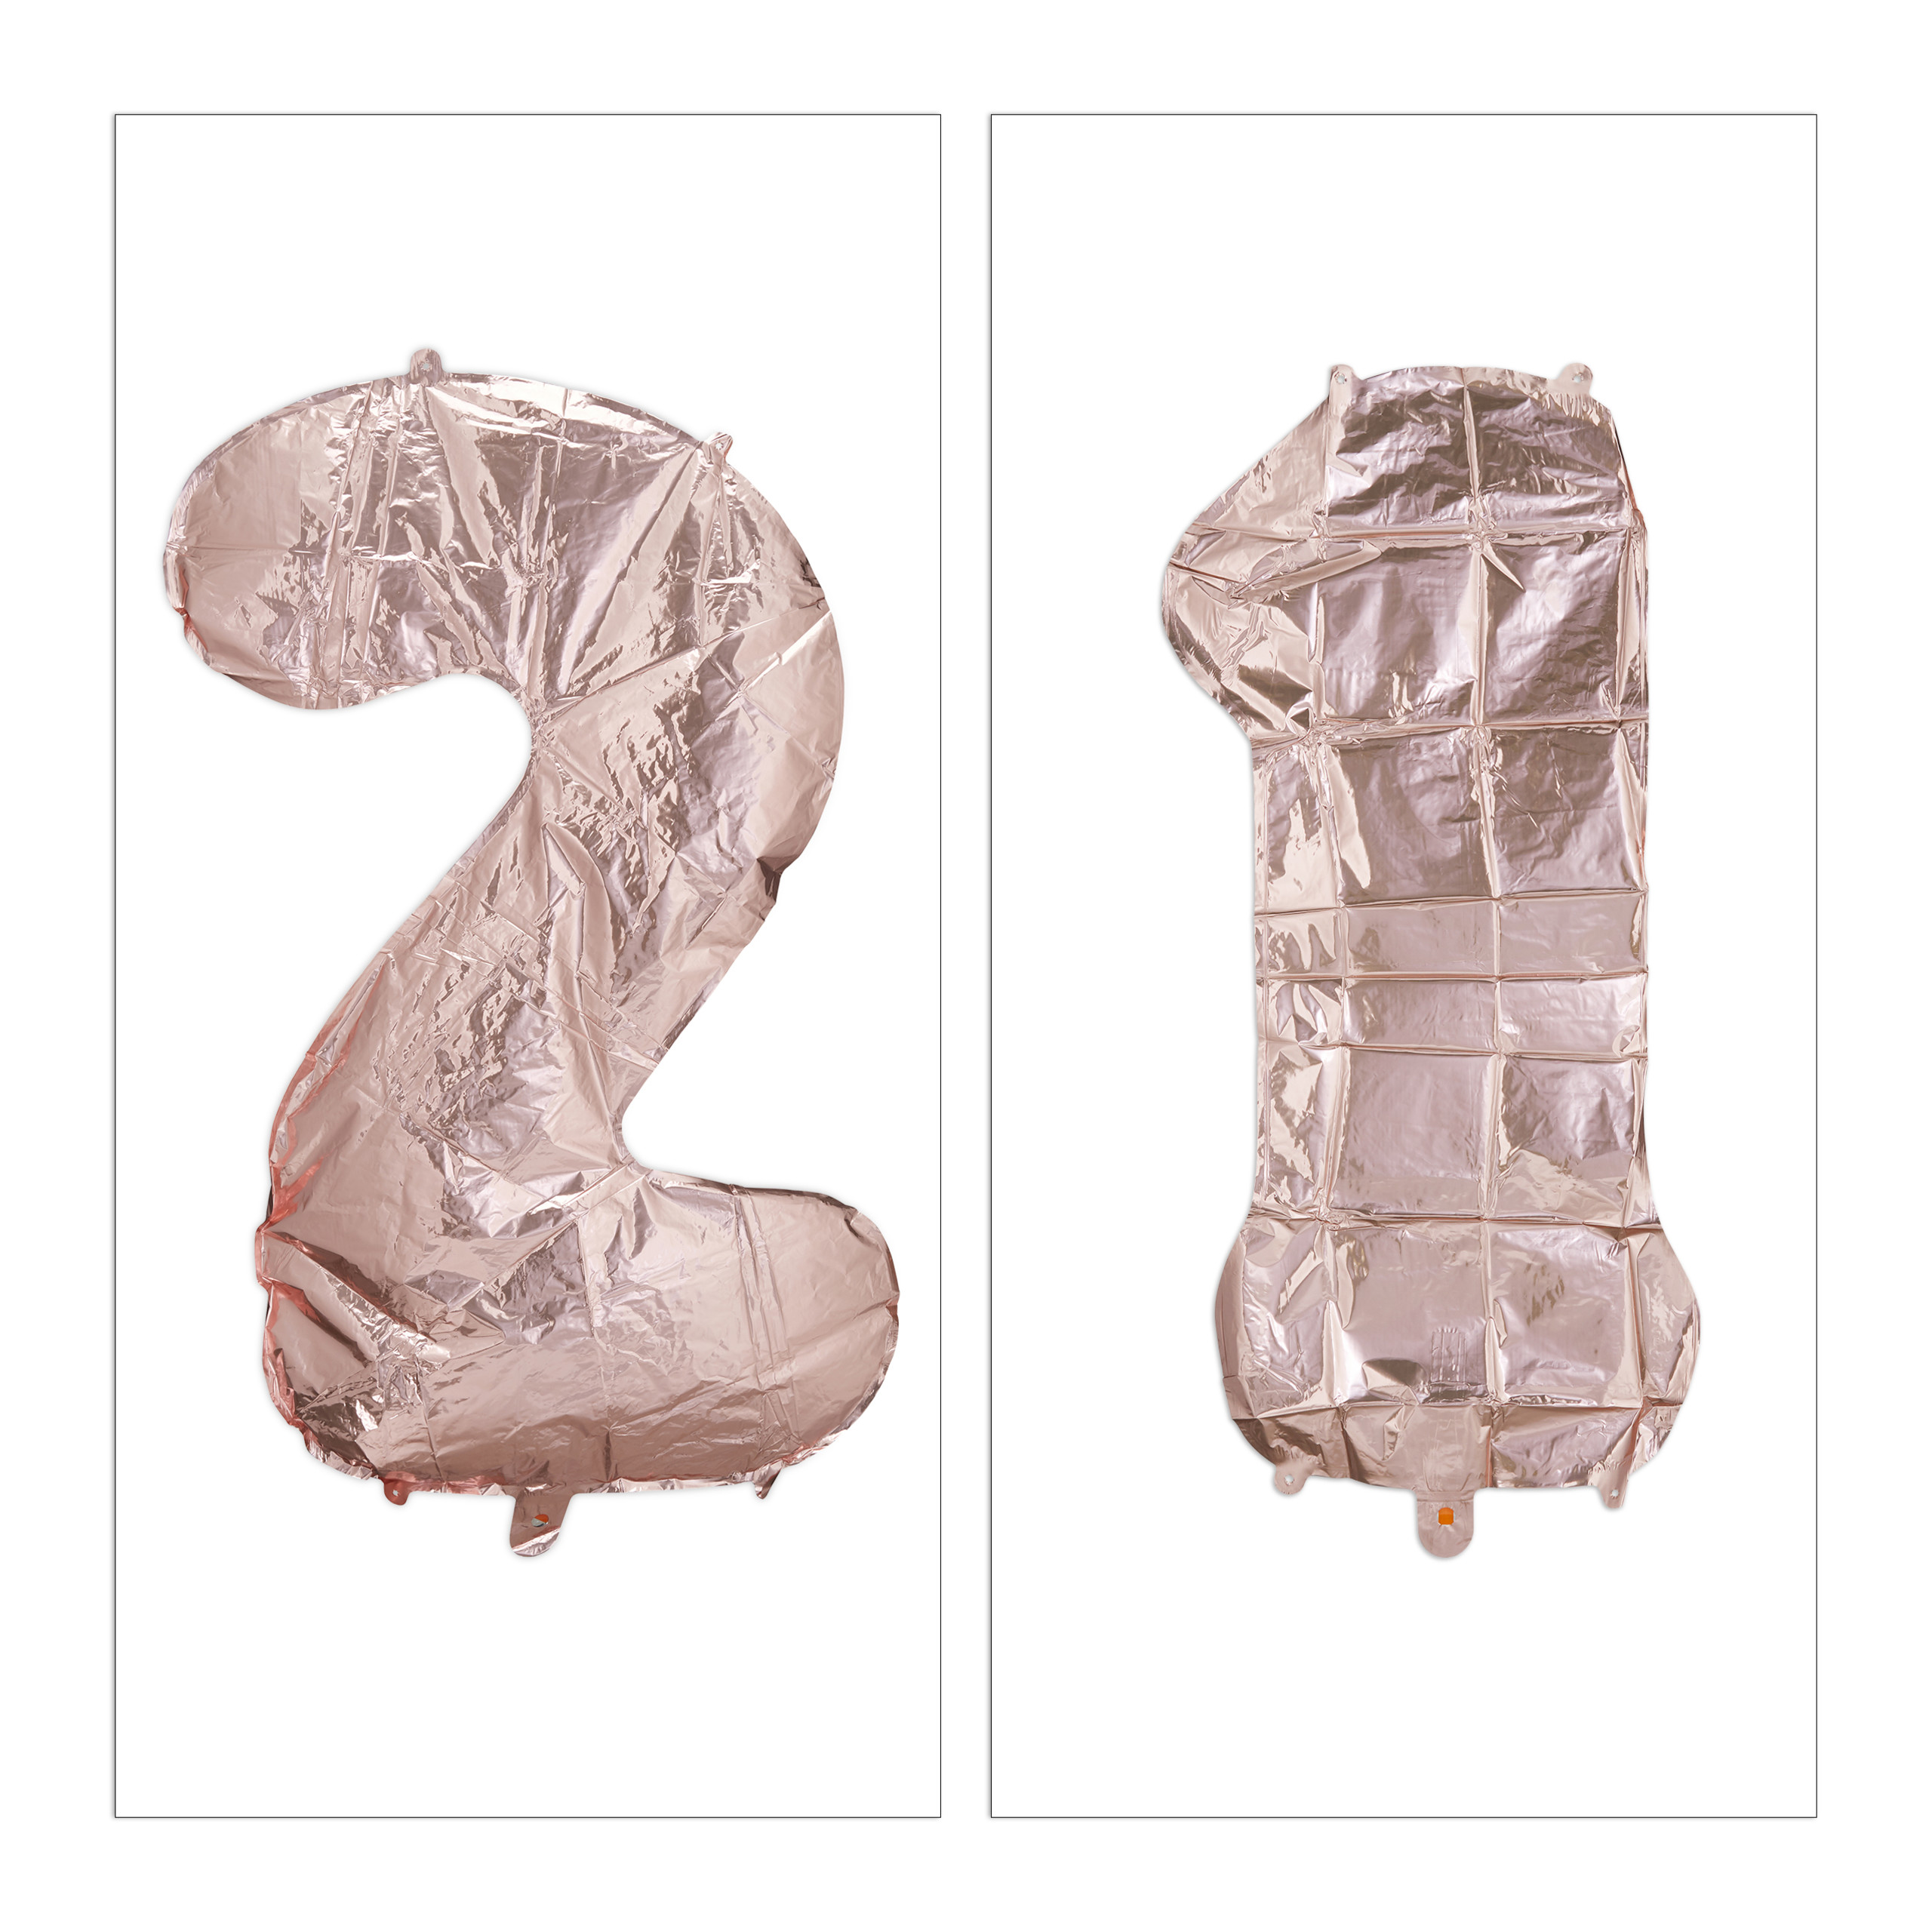 Ballon-chiffre-numero-21-gonflable-anniversaire-decoration-geant-mariage miniature 15